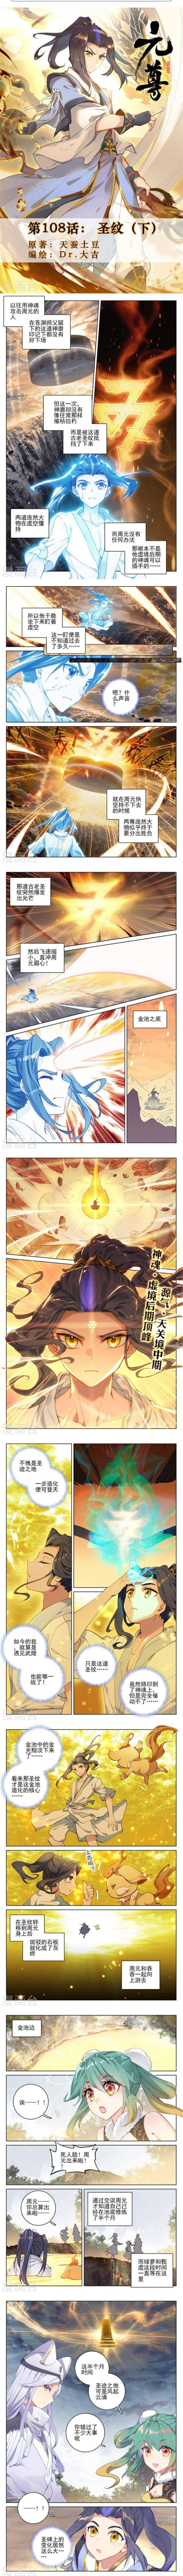 元尊第108话 圣纹(下)